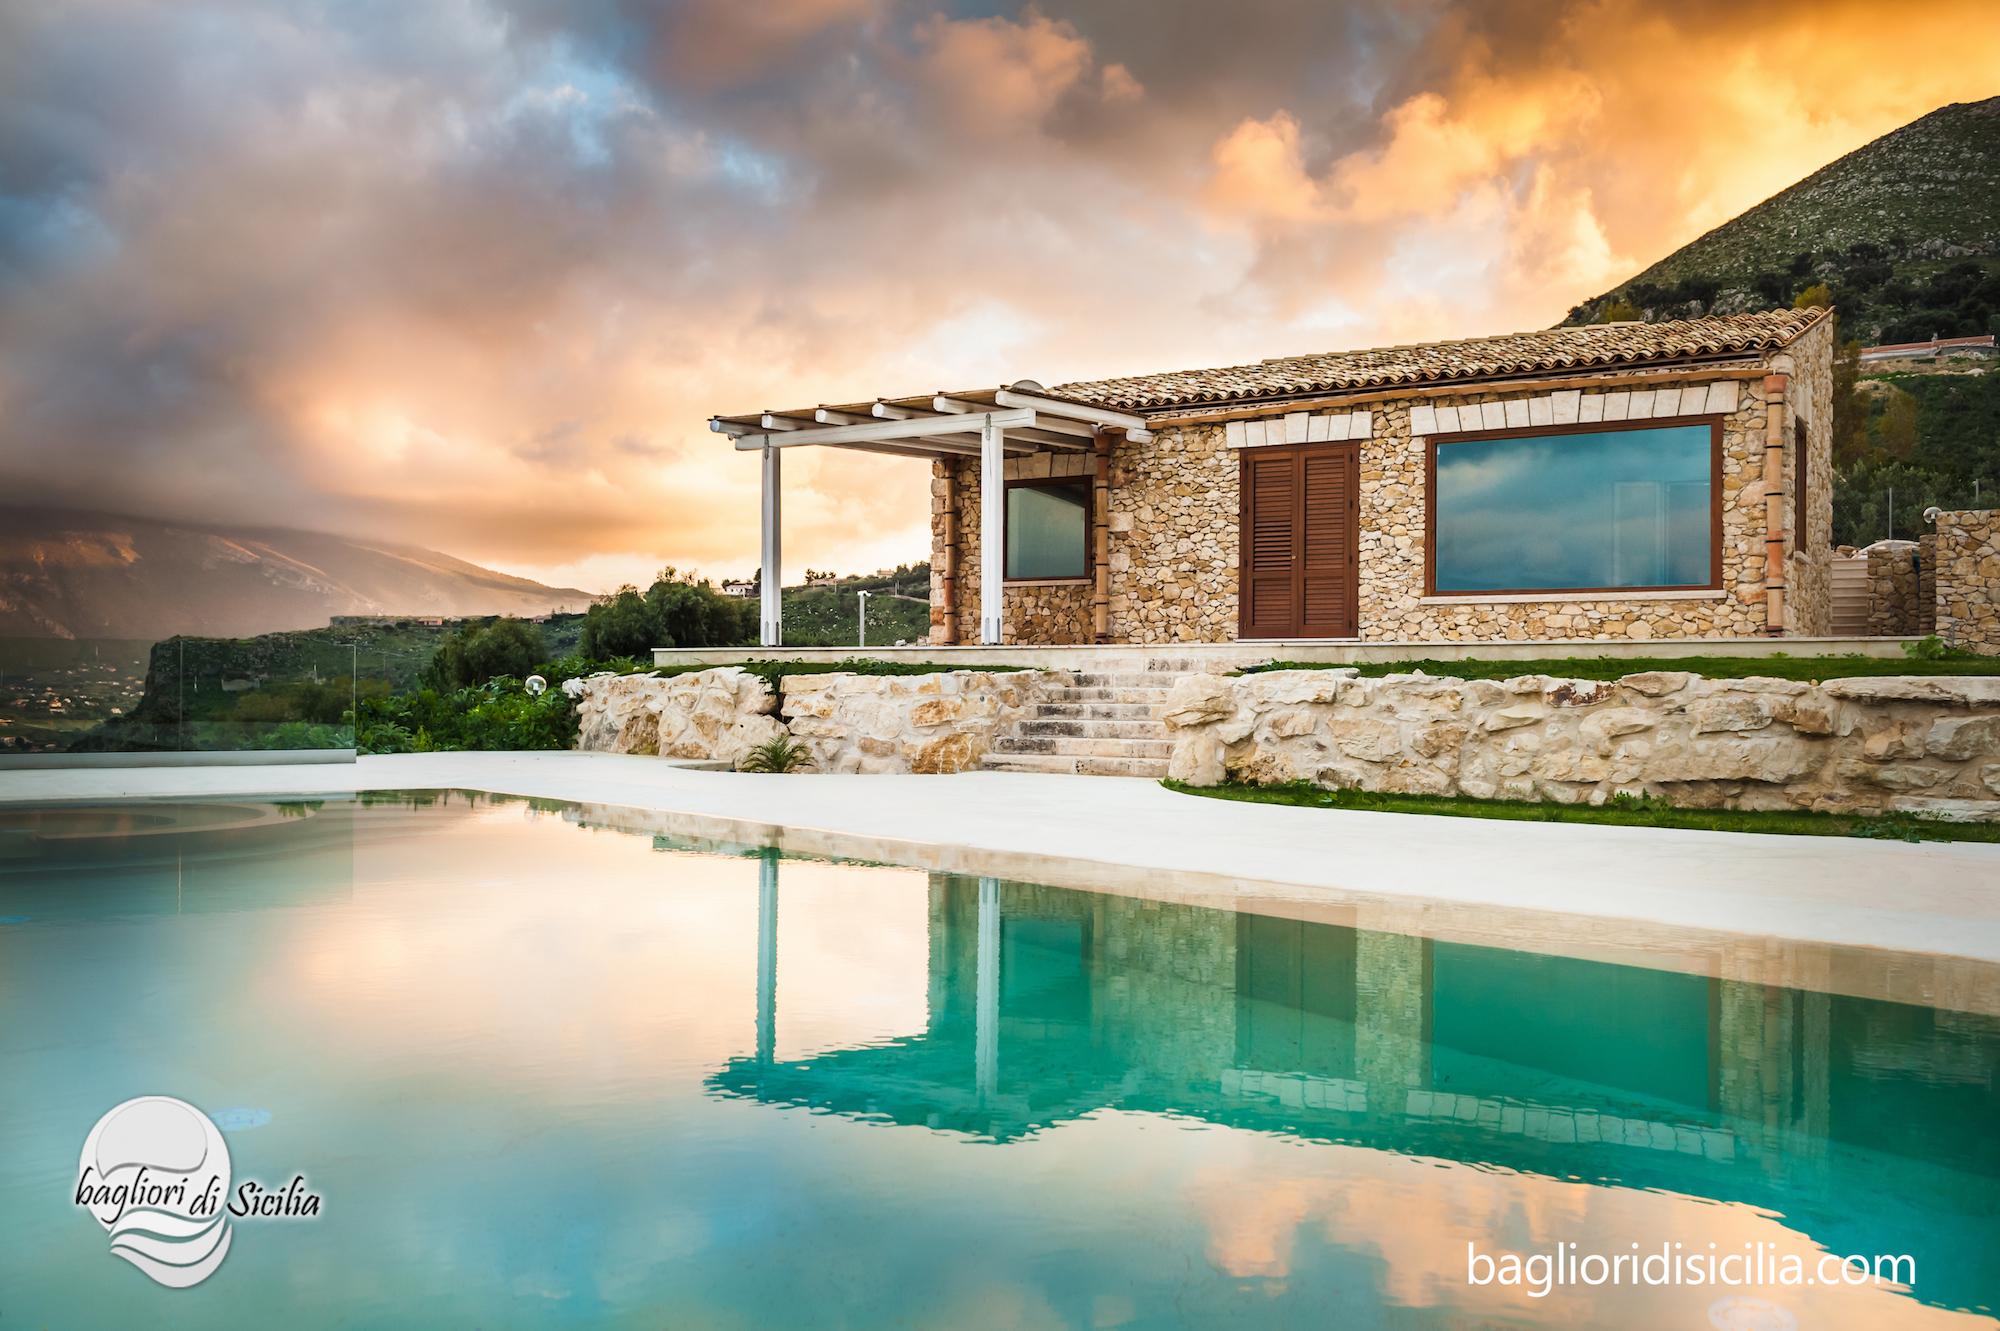 ville con piscina in sicilia